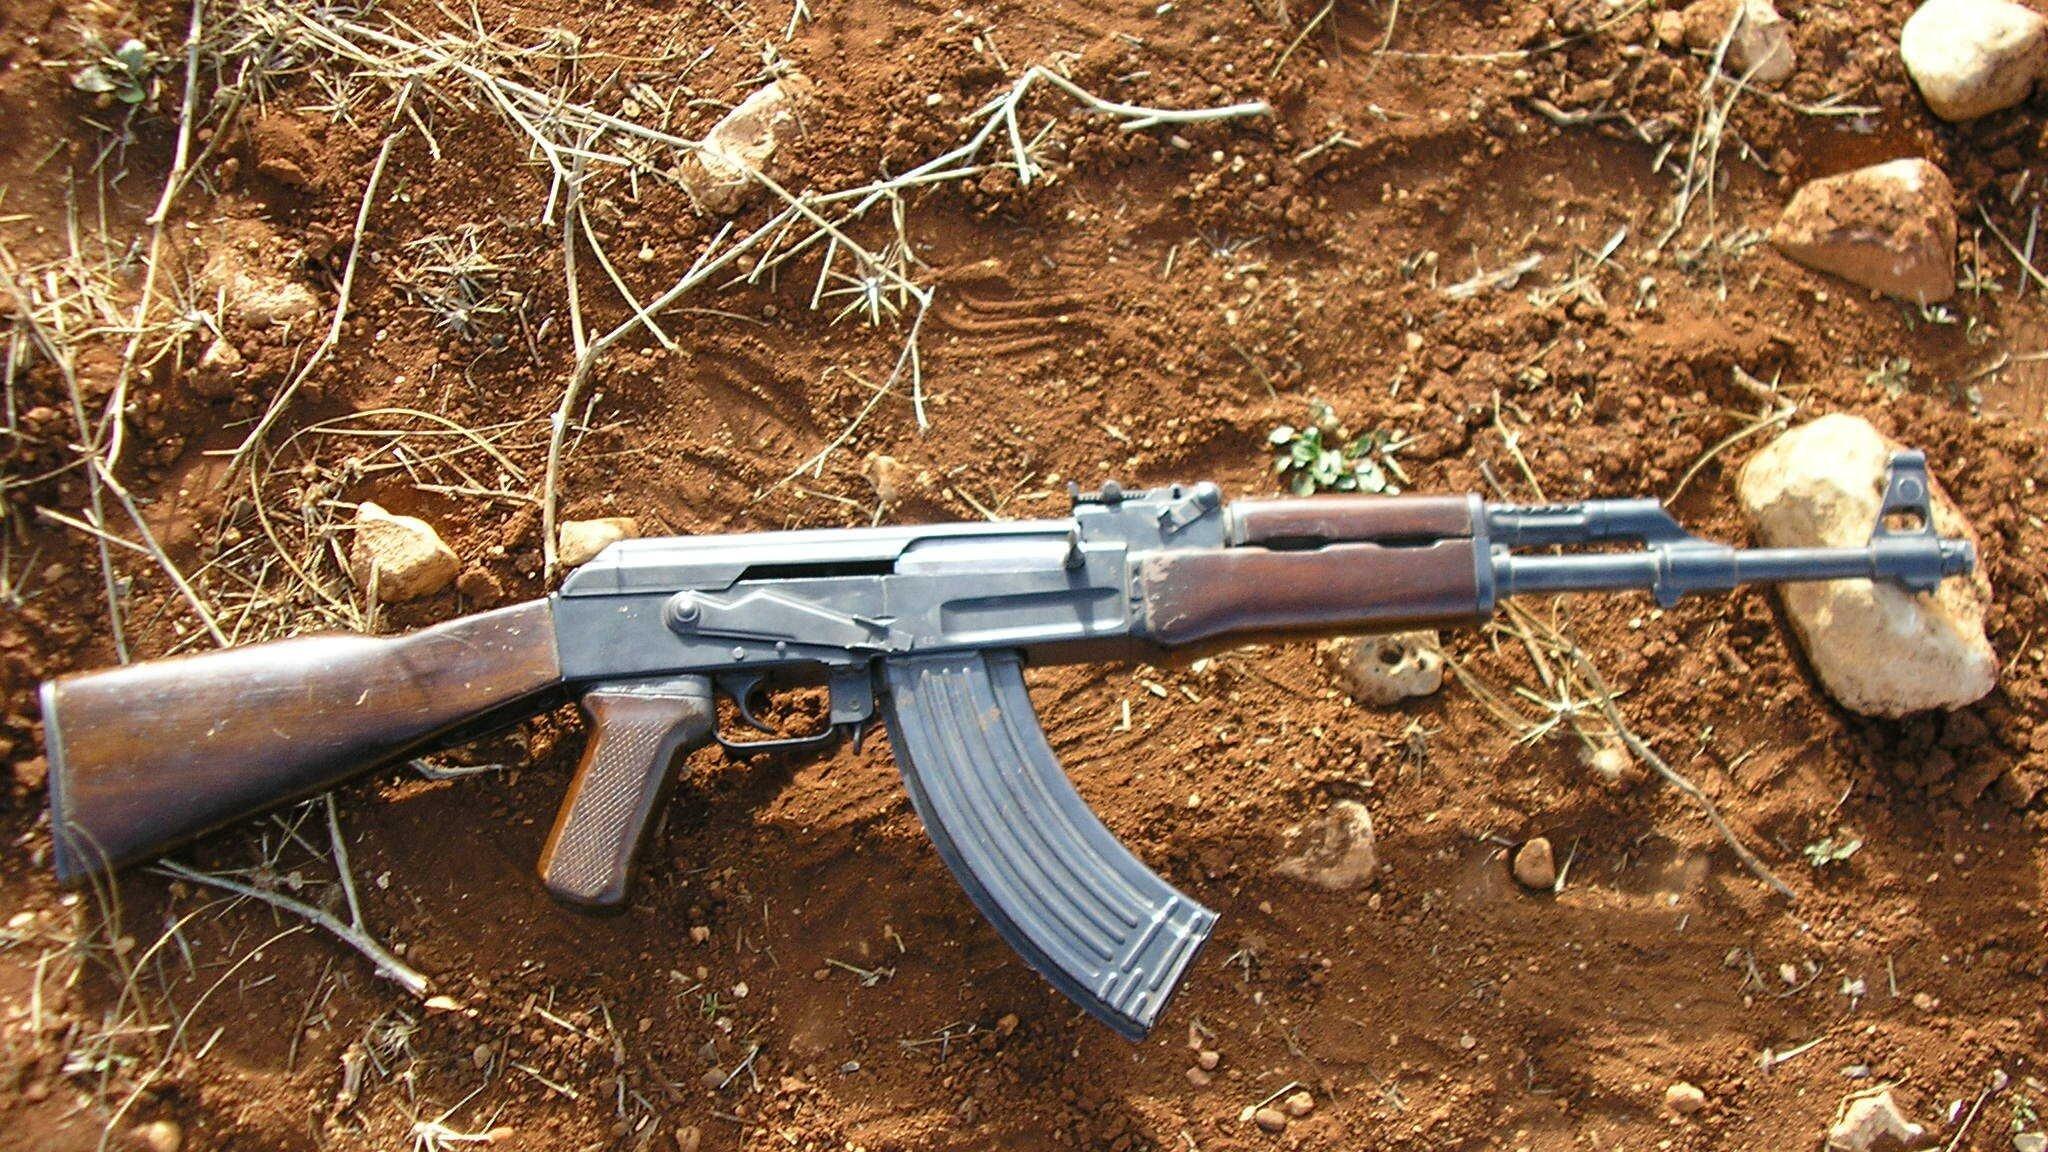 Eine Kalashnikov auf dem Boden.